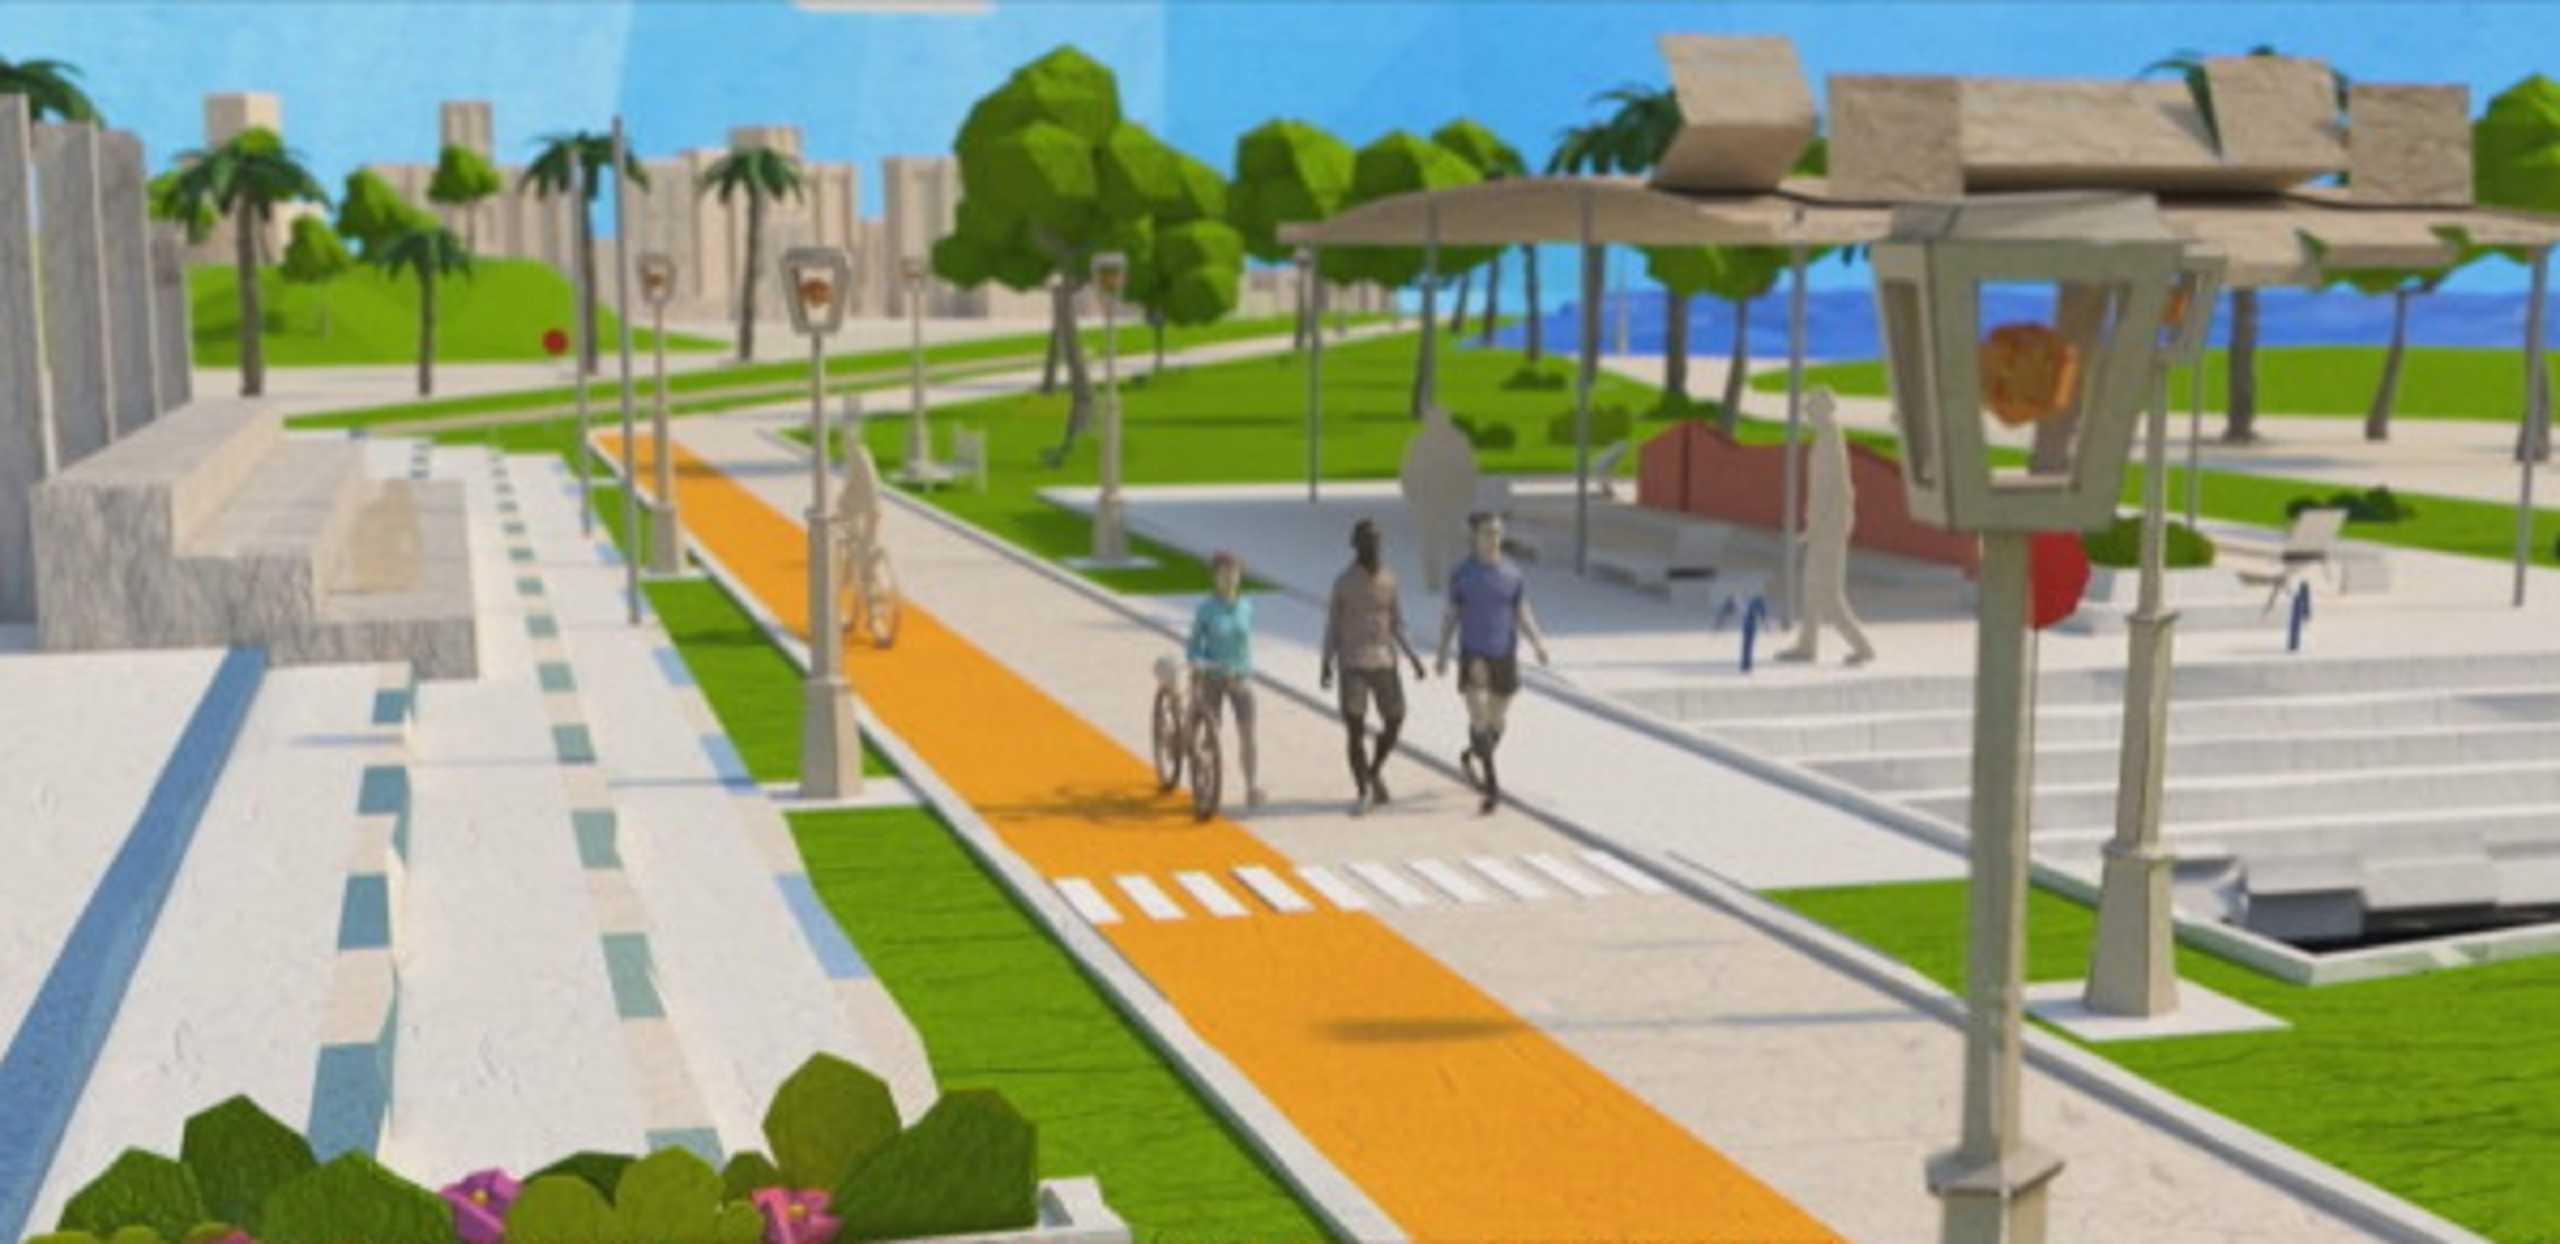 Αθηναϊκή Ριβιέρα 70 χιλιομέτρων – Έτσι θα είναι ο ποδηλατόδρομος